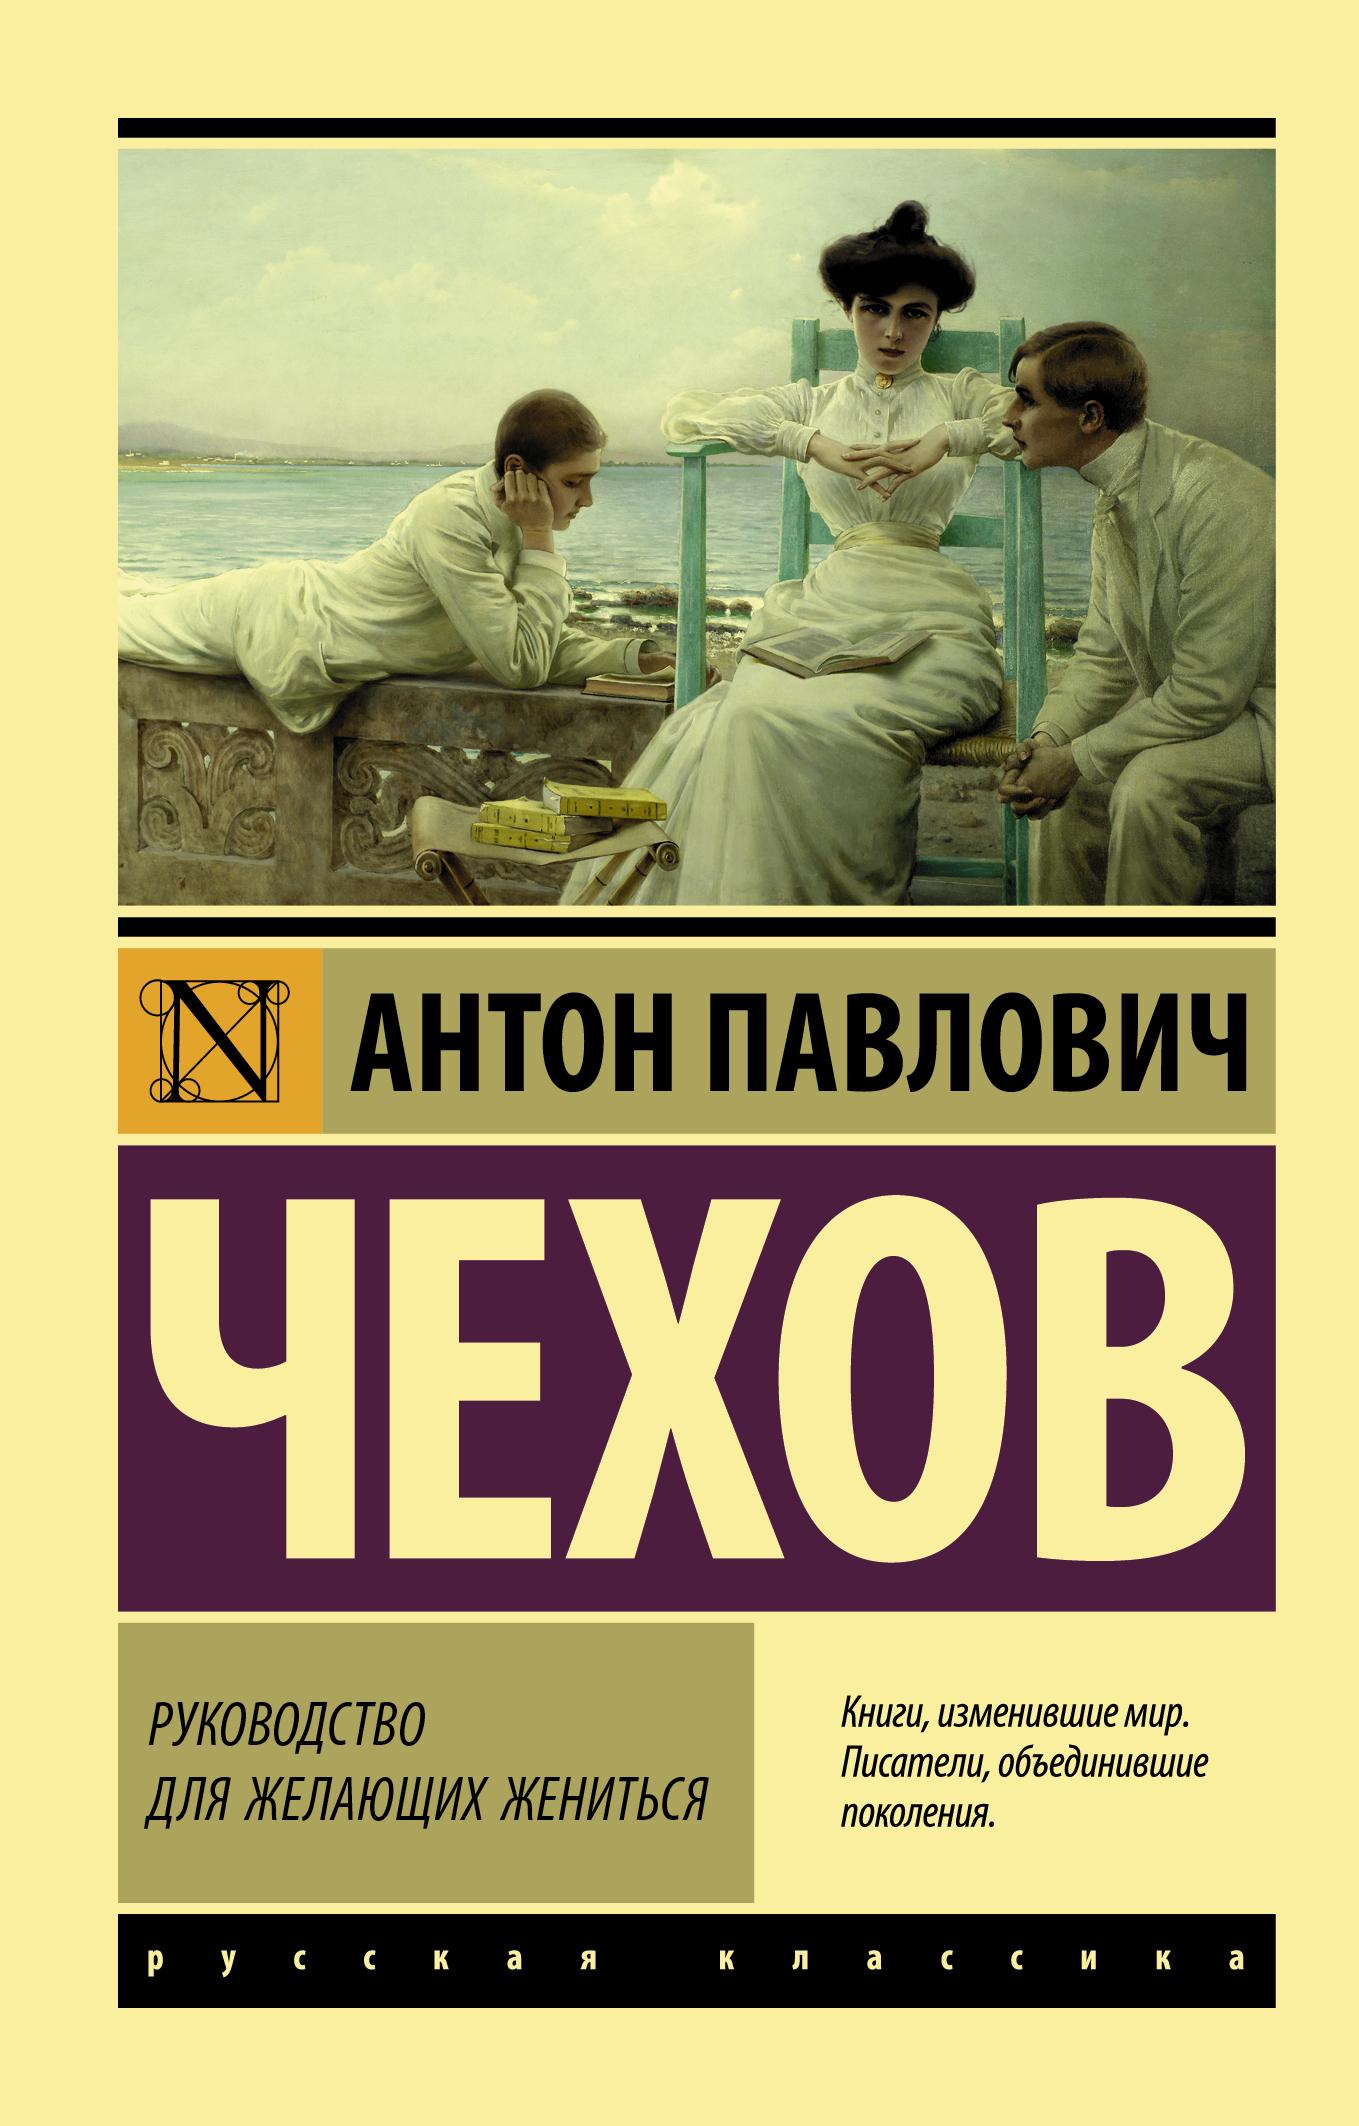 rukovodstvo dlya zhelayushchikh zhenitsya